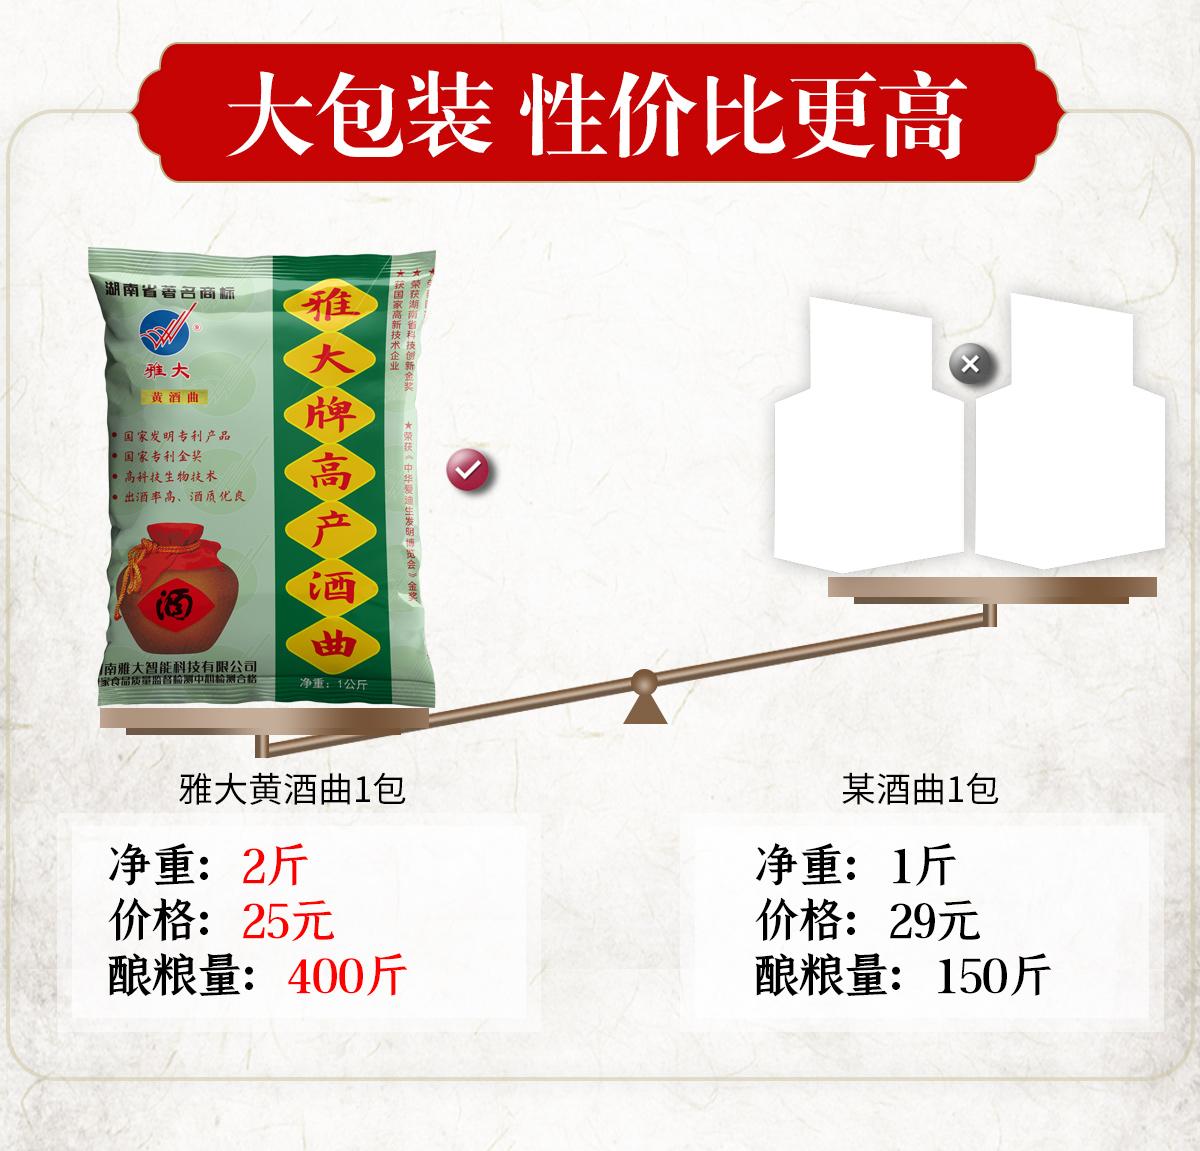 黄酒曲详情页_04